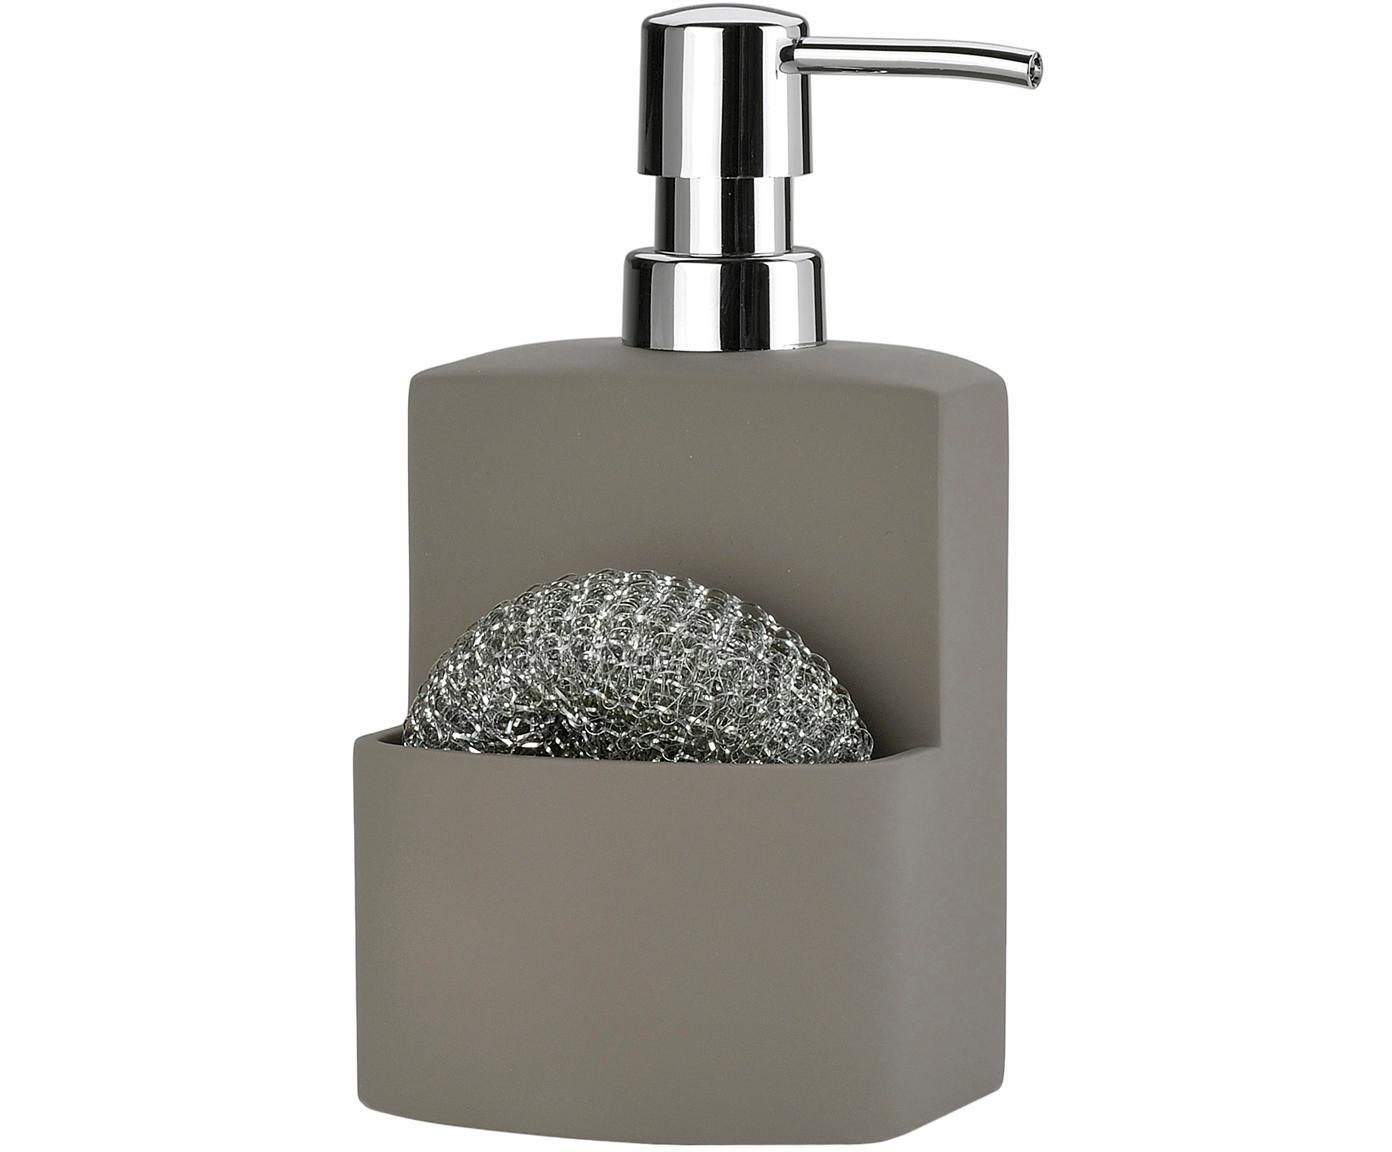 Set de dosificador de jabón Seeque, 2pzas., Estropajo: metal, Gris, plateado, Ancho 11 x Alto 19 cm